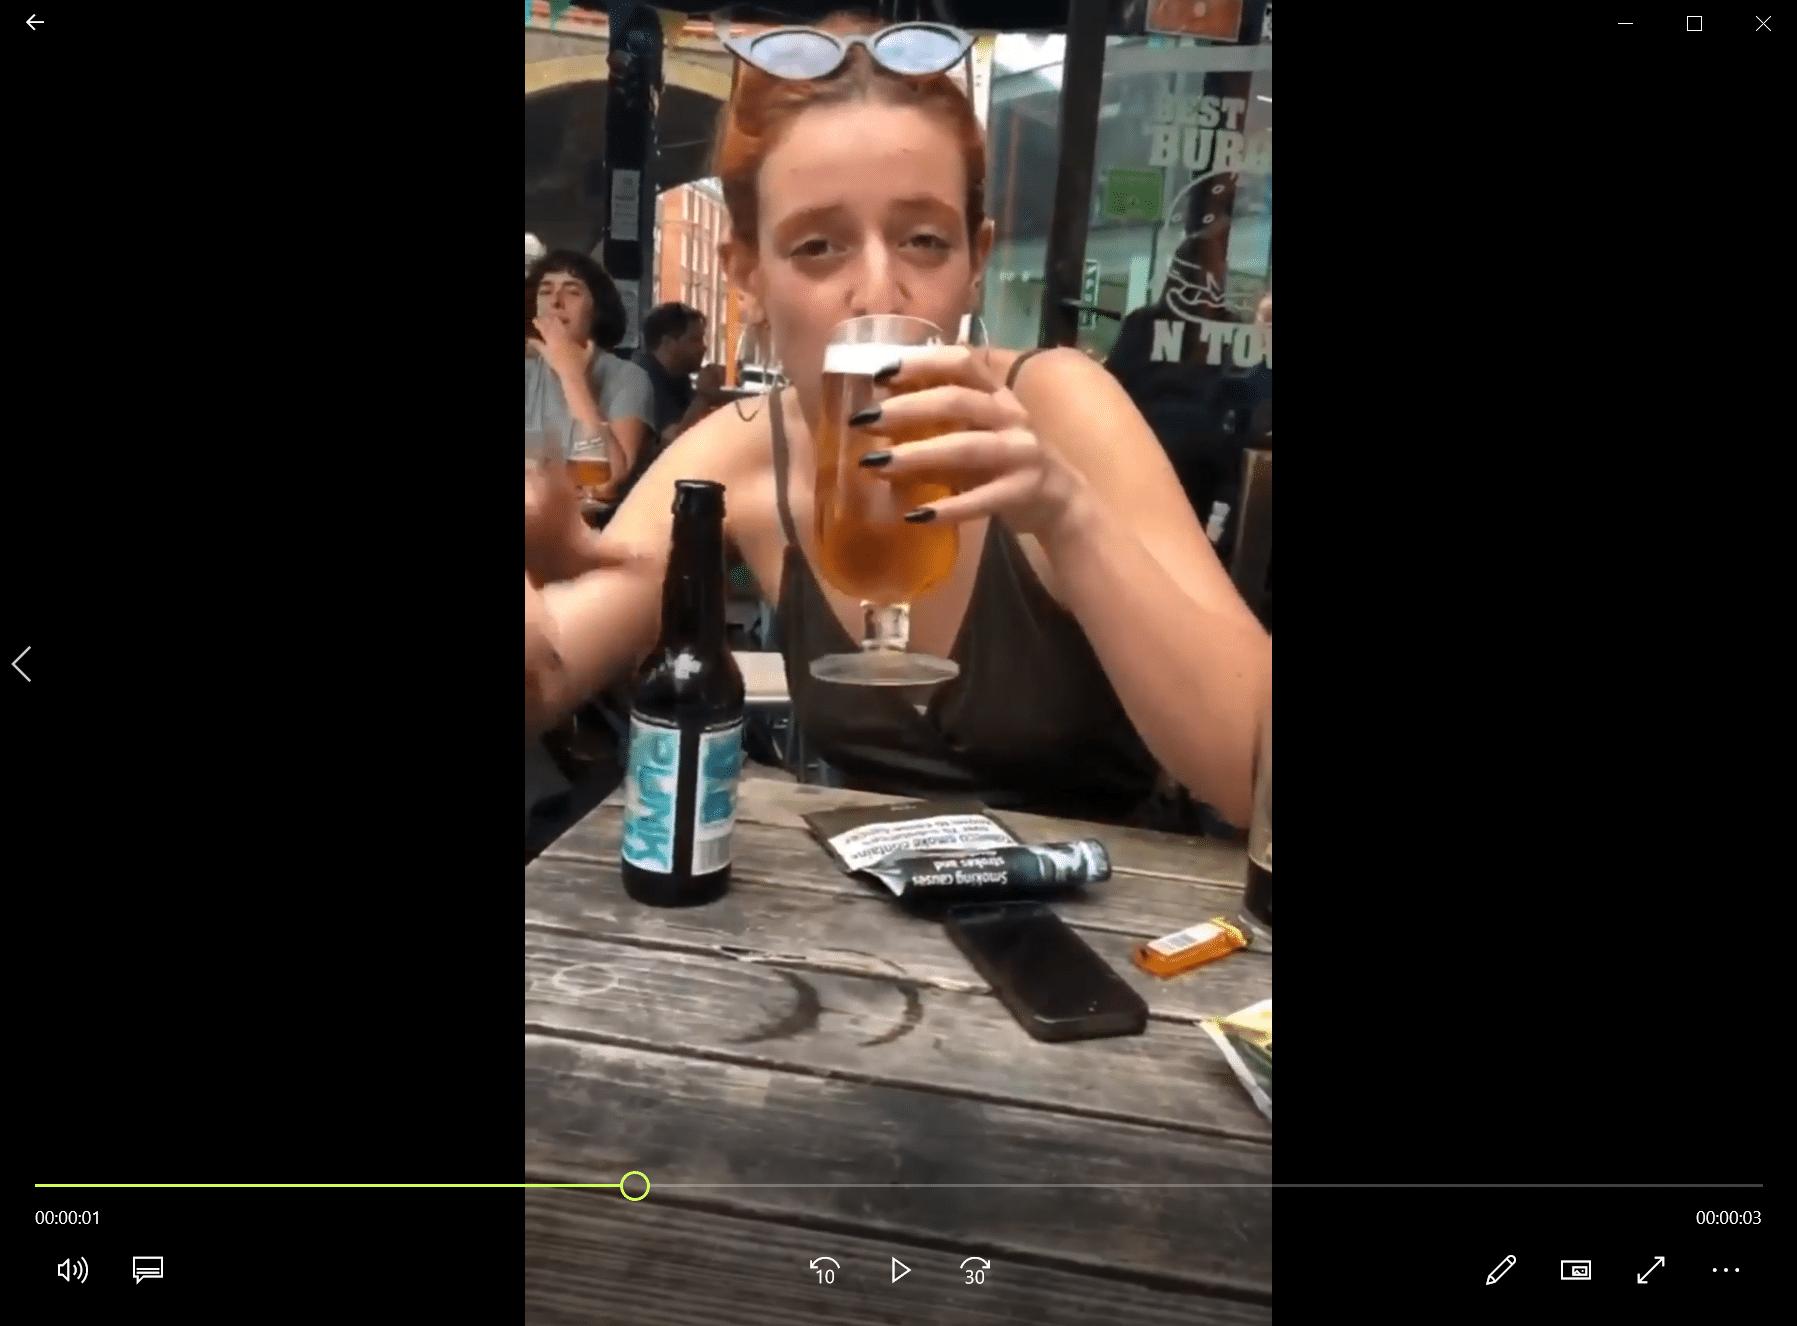 Cette fille a un problème de boisson